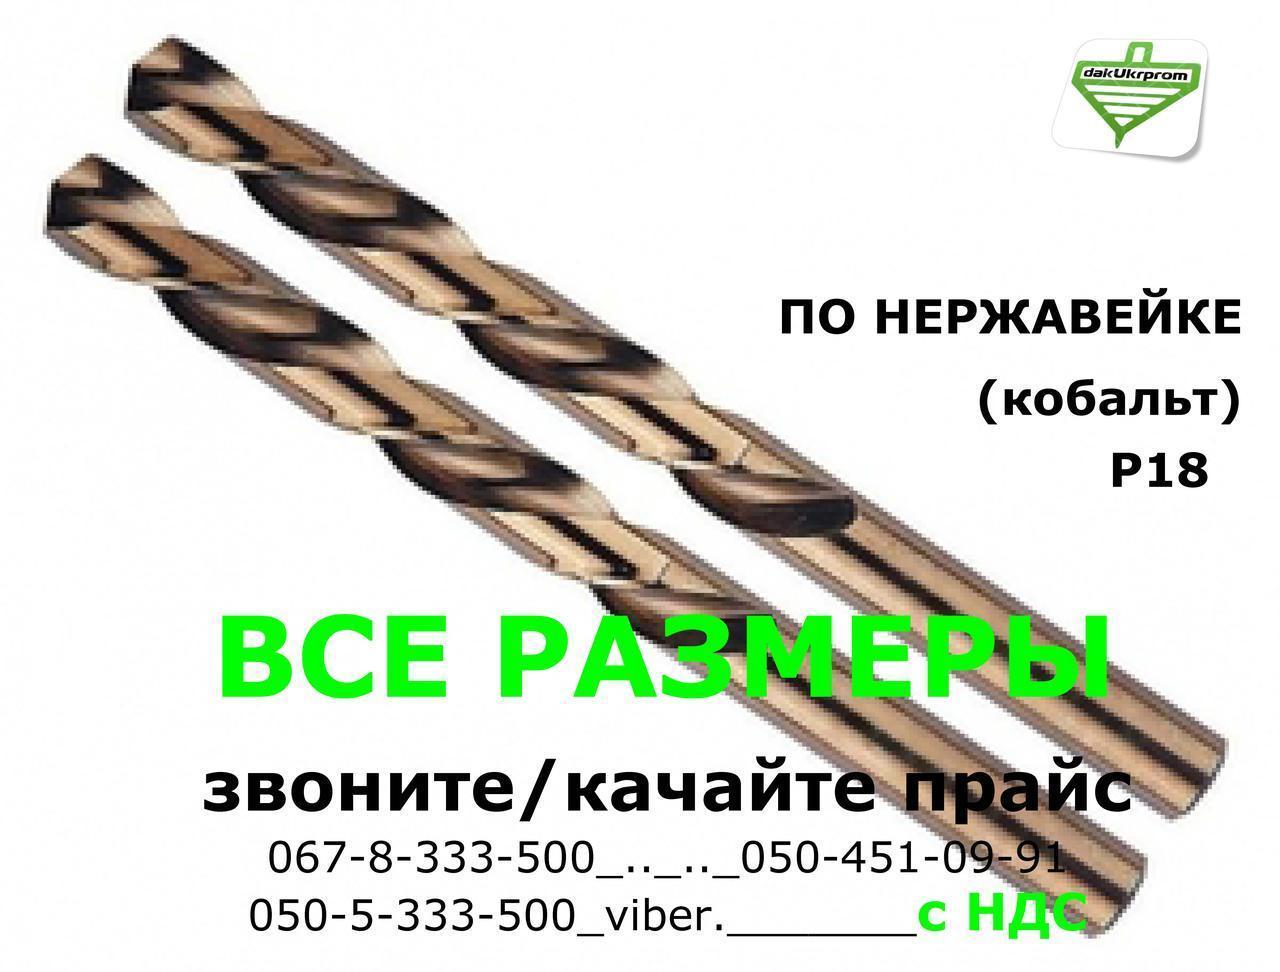 Свердло по нержавіючій сталі Р18 - 6,0 мм, (кобальт) промислового призначення ГОСТ-10902 (DIN338 G-Co)